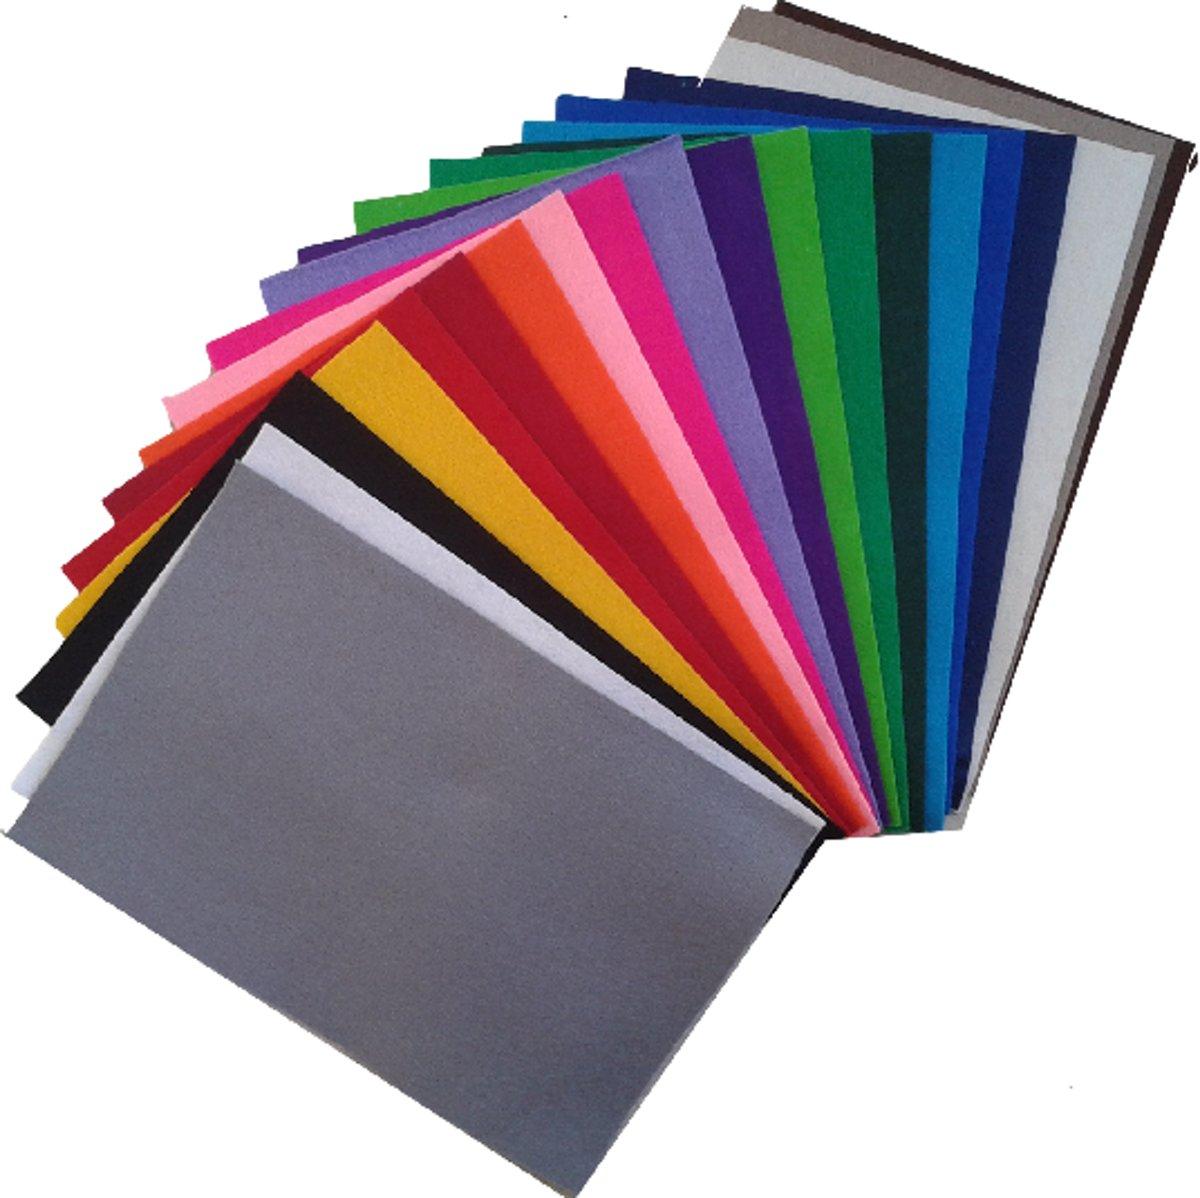 Wolvilt assortiment basis 20 kleuren kopen